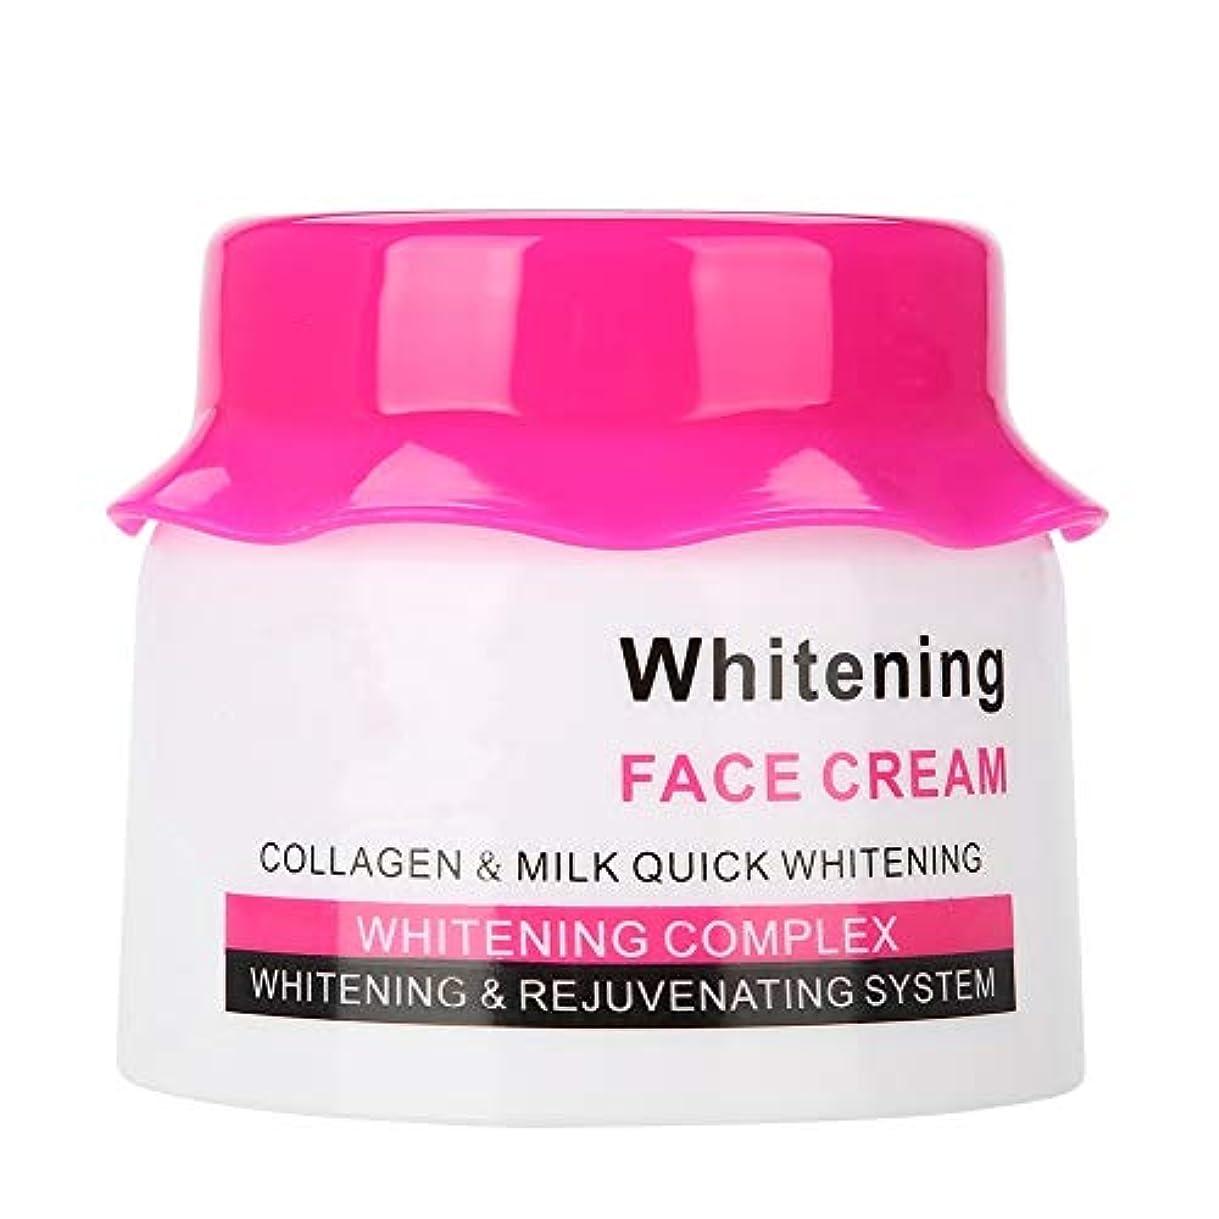 フィヨルドに応じて関与する天然コラーゲン、肌のリラクゼーションと引き締まった肌の多機能、保湿引き締めフェイシャルシュリンクポアケア肌を白くするフェイシャルクリーム